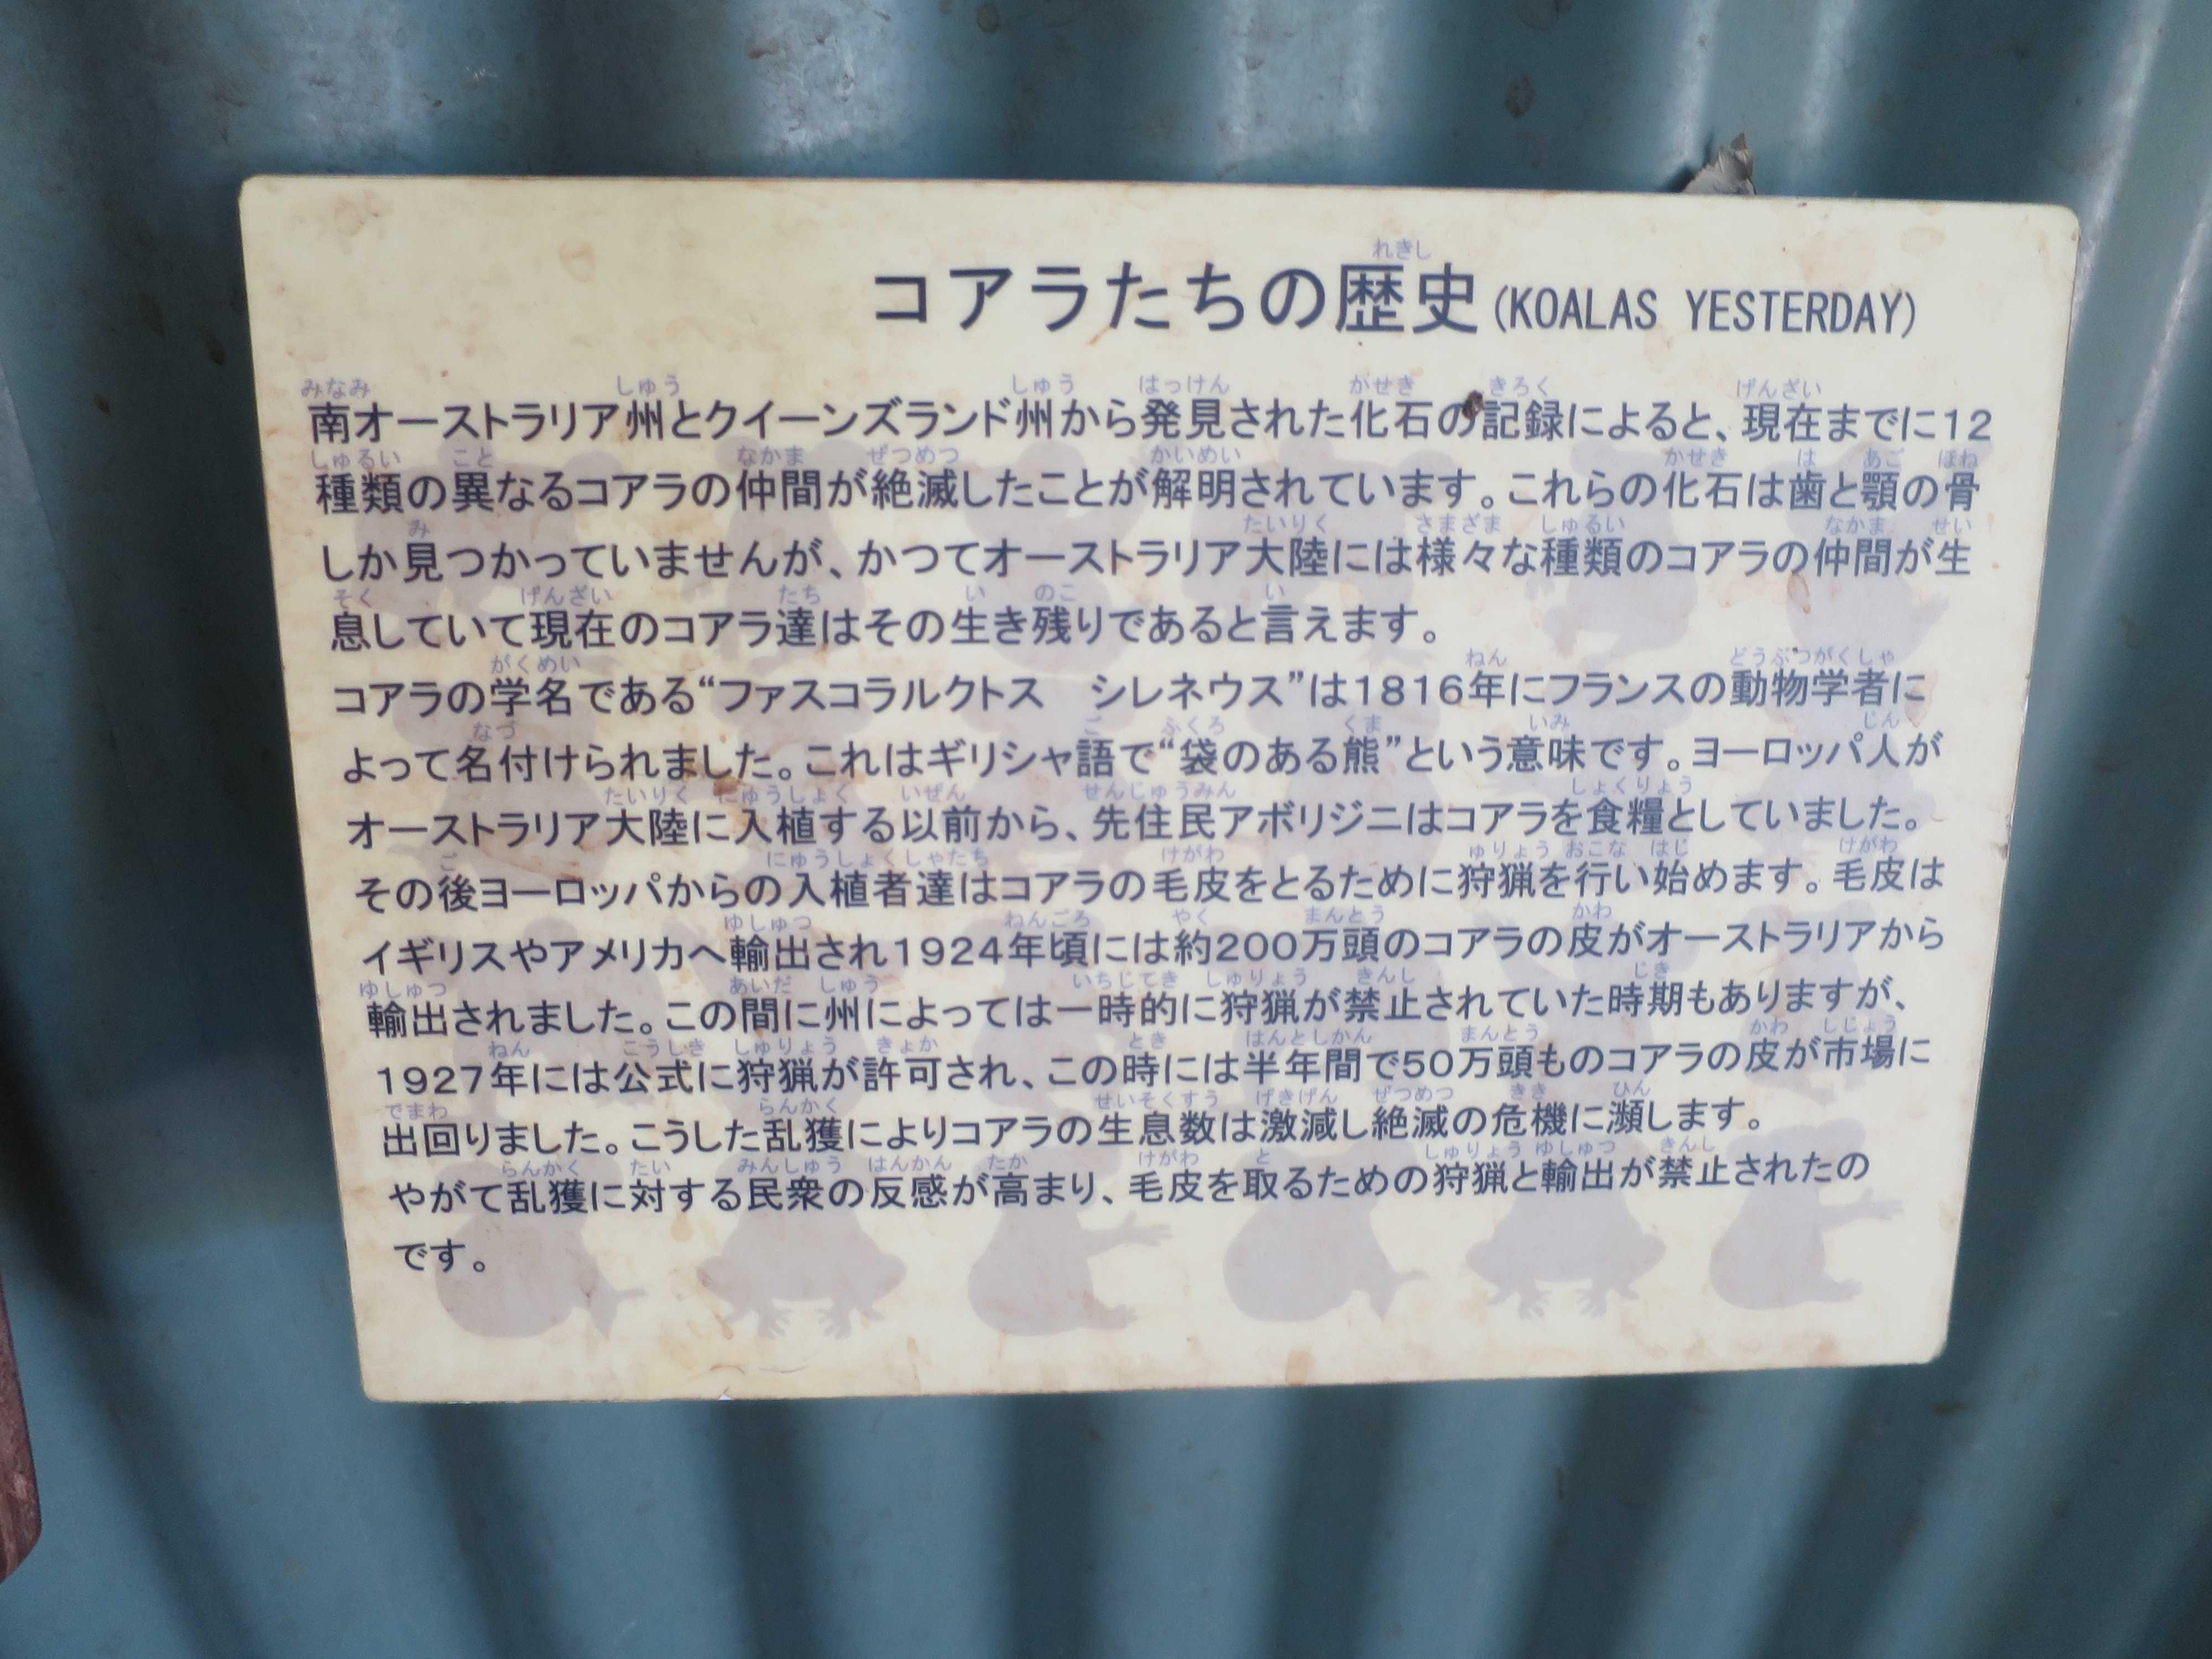 ケアンズ動物園 - コアラたちの歴史(KOALAS YESTERDAY)